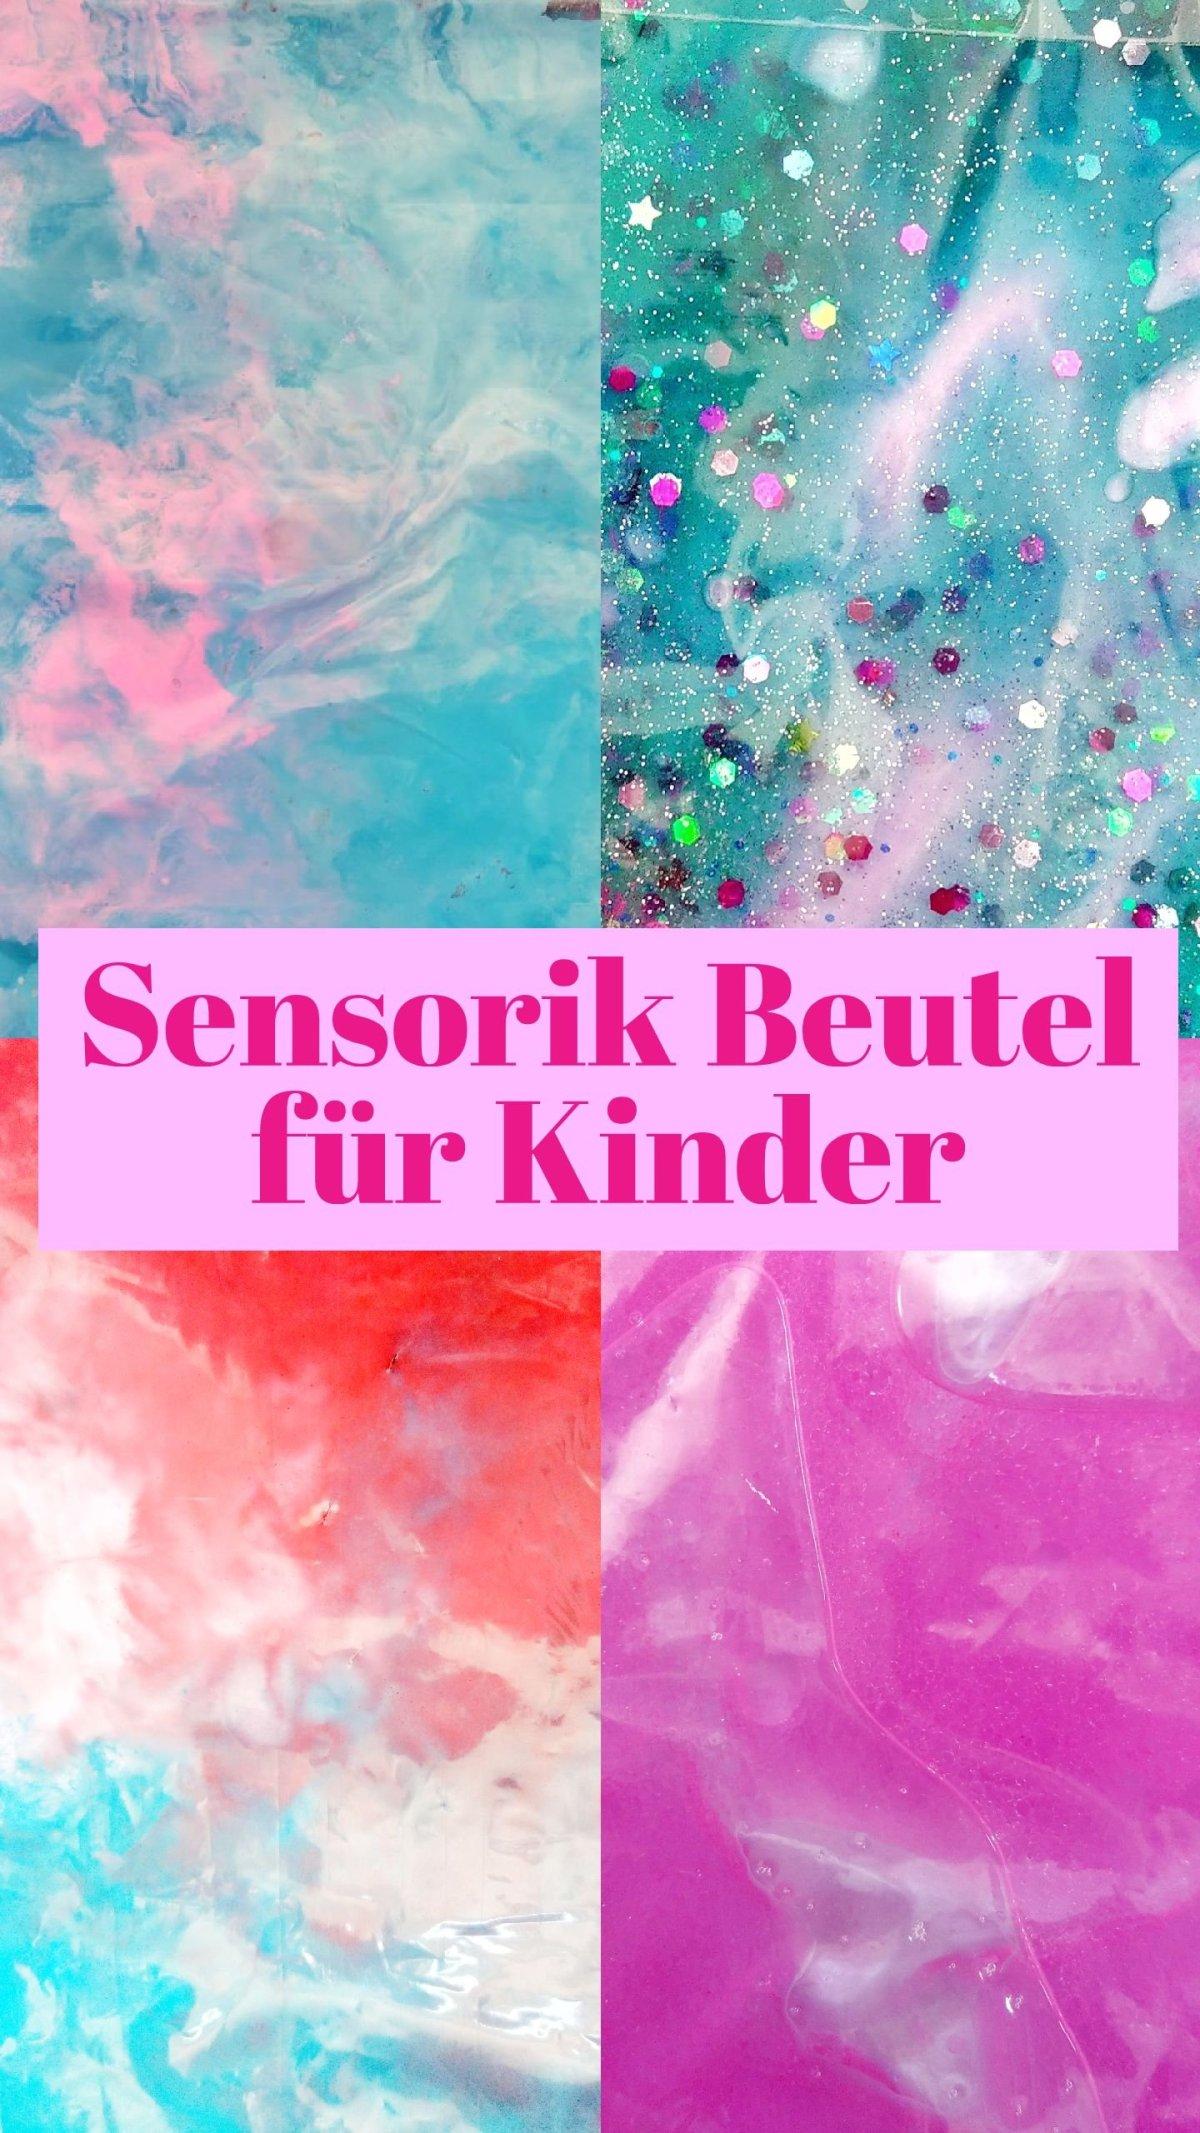 Heute zeige ich euch 6 verschiedene Sensorik Beutel zum Selbermachen. Ob malen, kneten, experimentieren oder ein Suchspiel spielen, hier findet jedes Kind seine Lieblingsbeschäftigung. Spielsachen für Kinder selber machen.